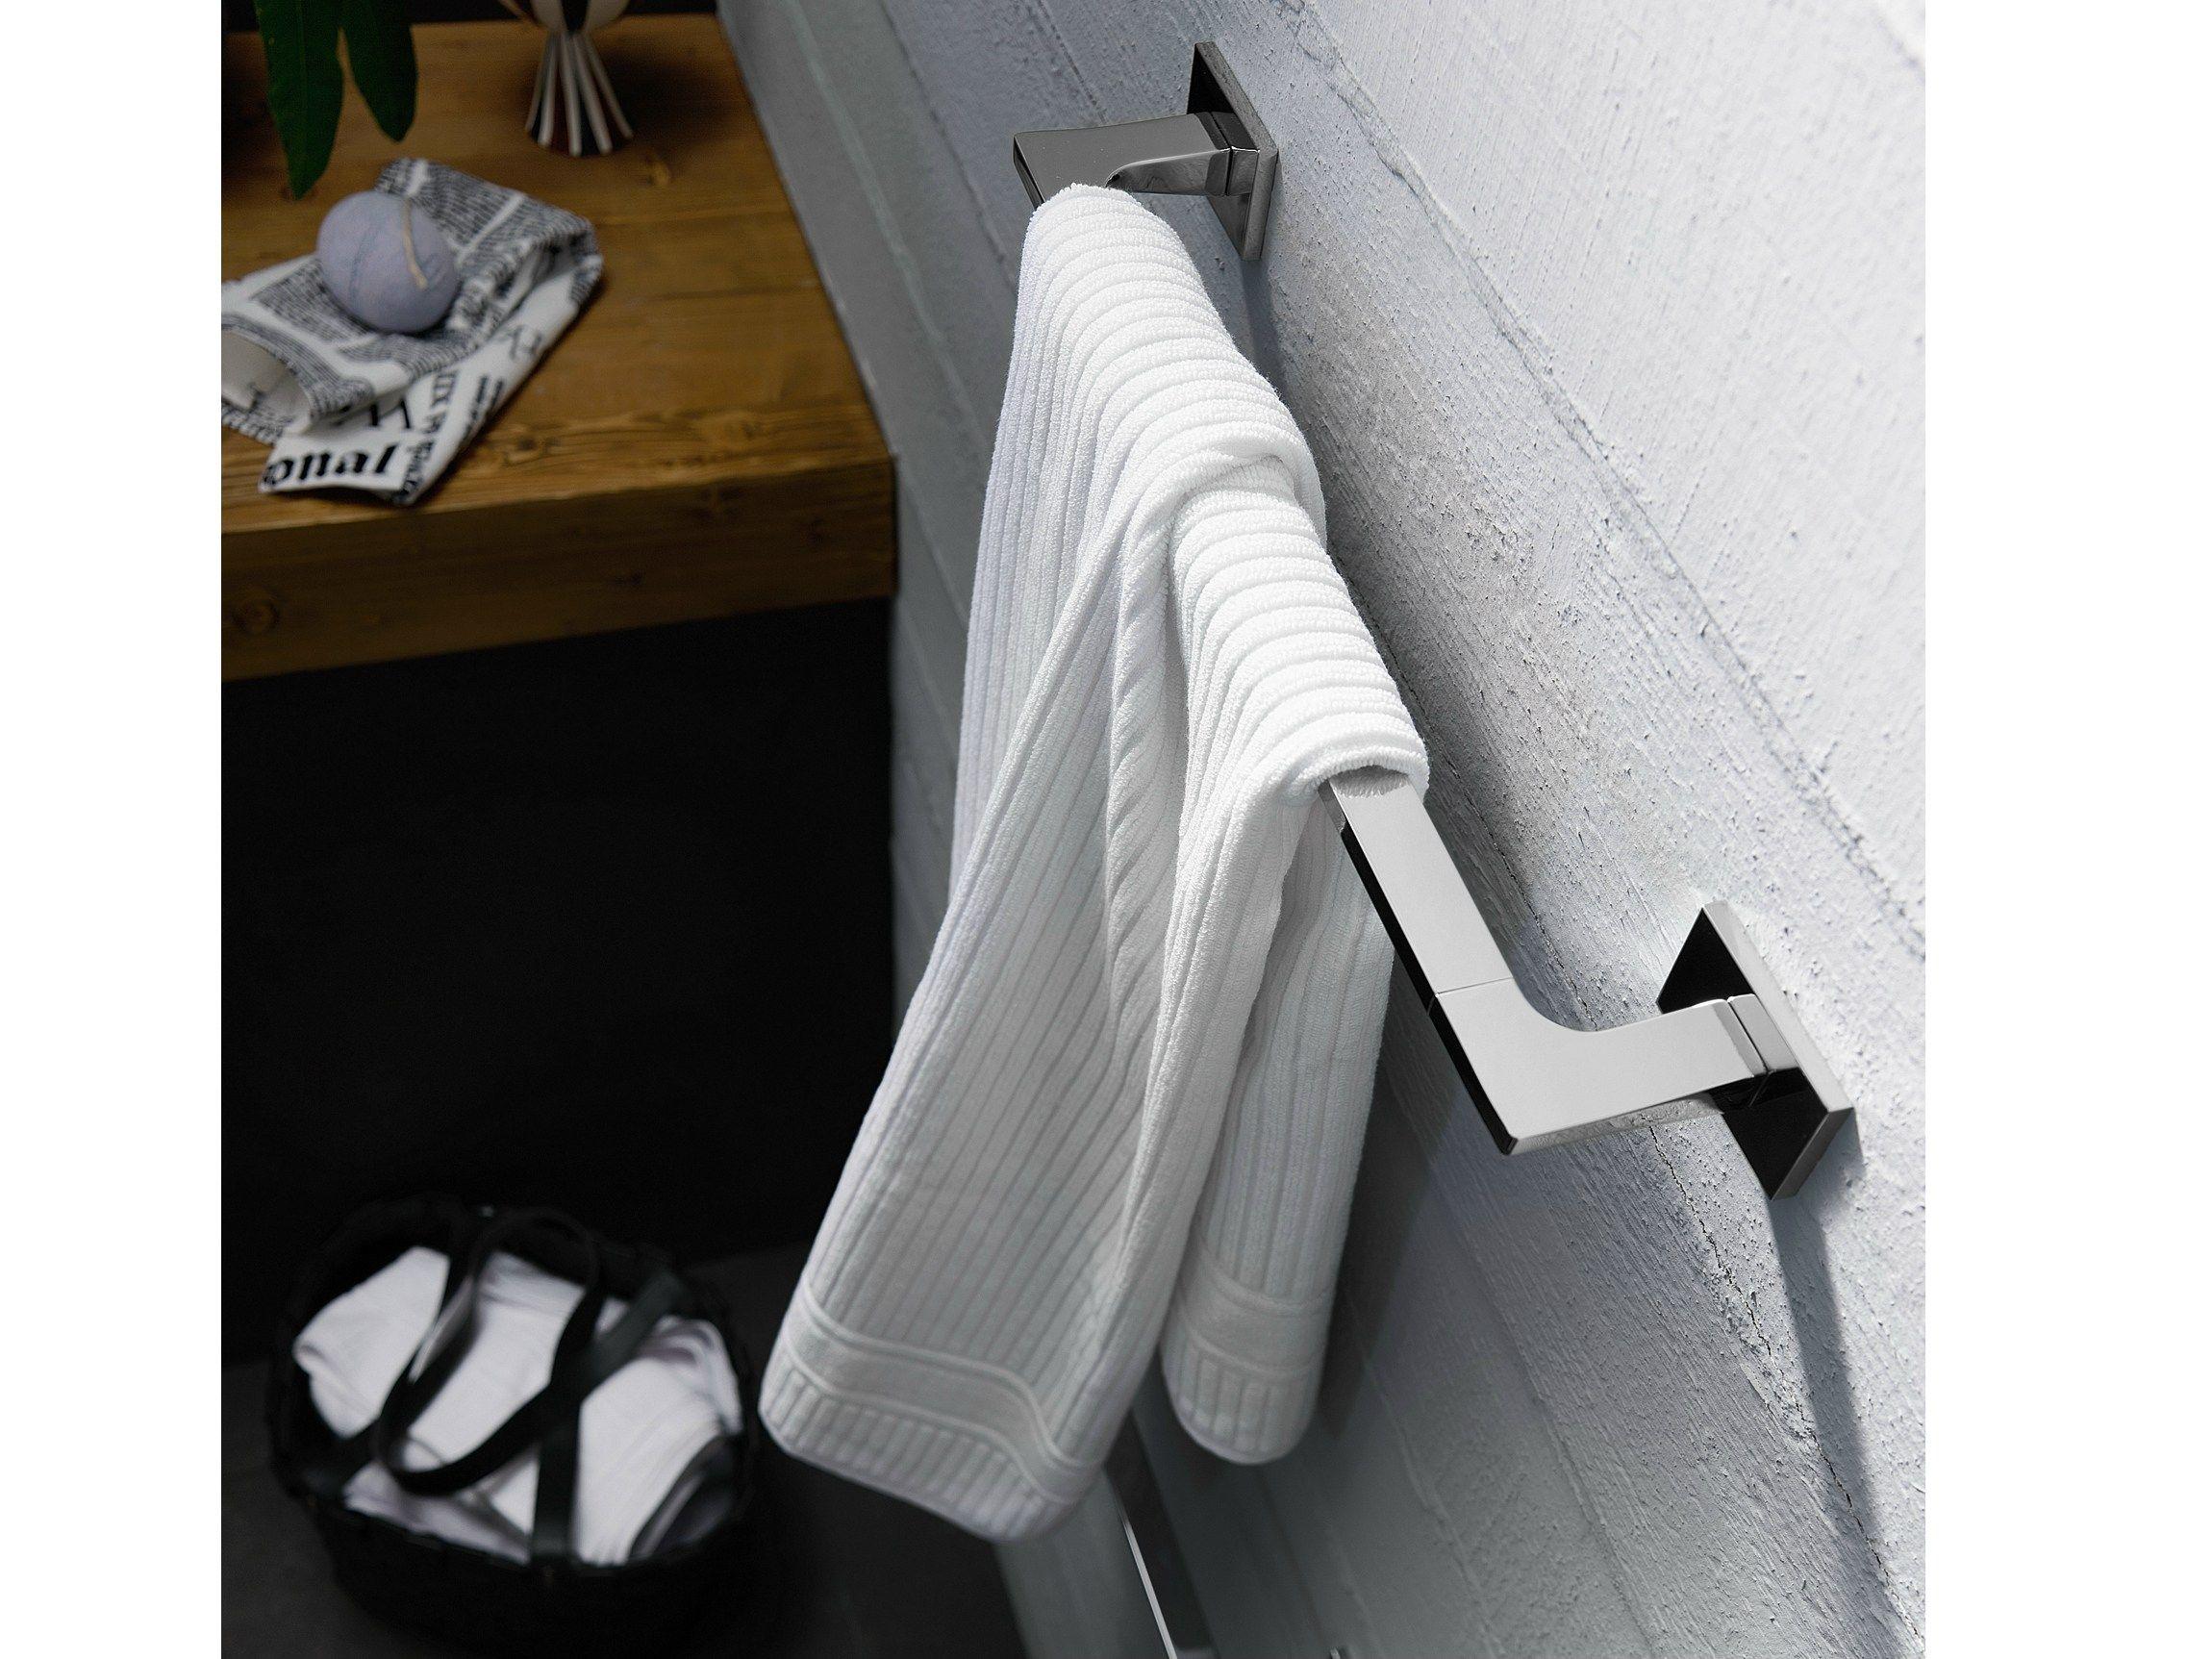 Cube porta asciugamani by carlo nobili rubinetterie design piet billekens - Nobili accessori bagno ...